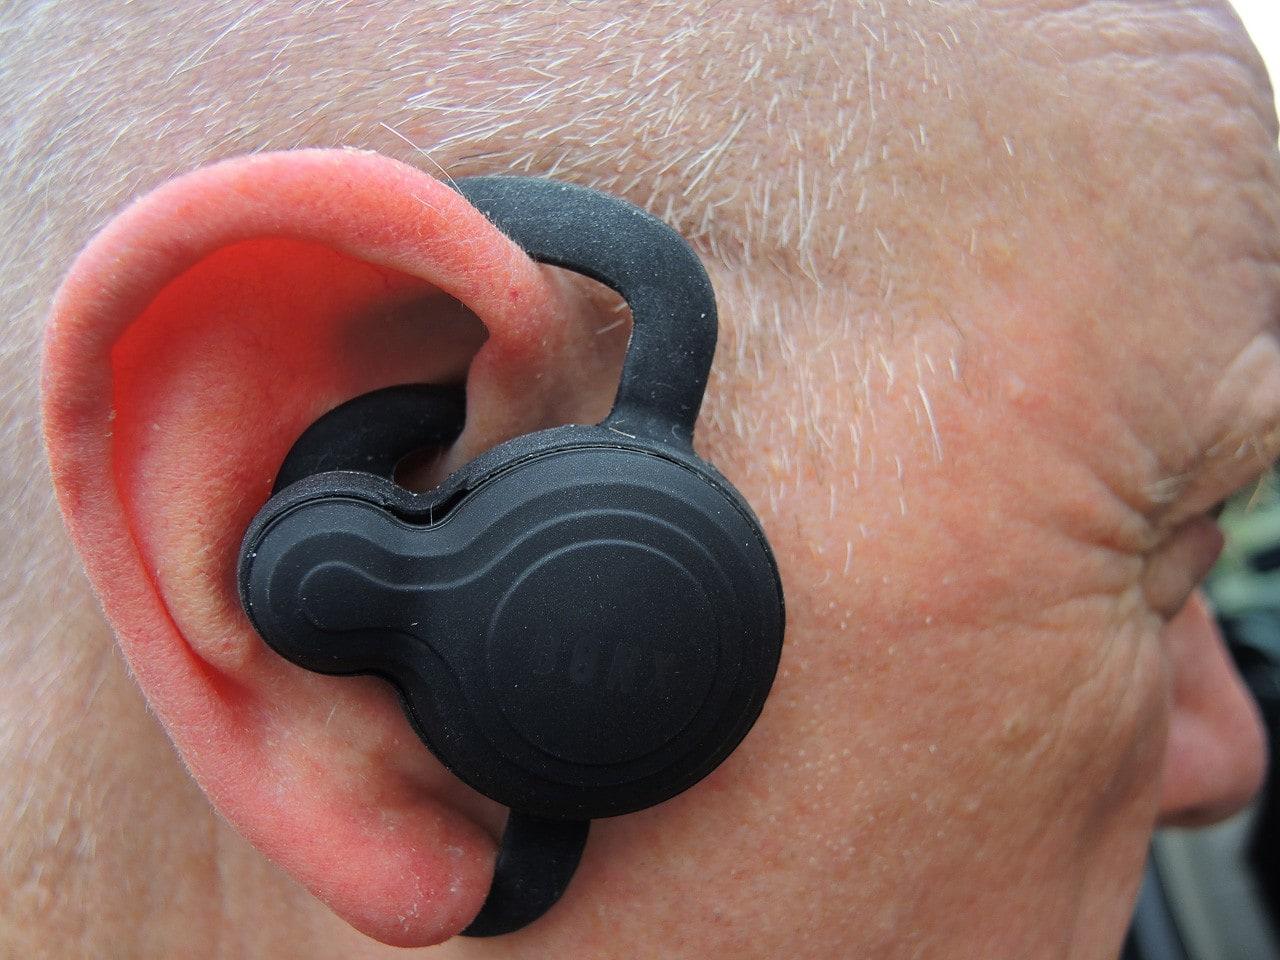 gun ear plugs